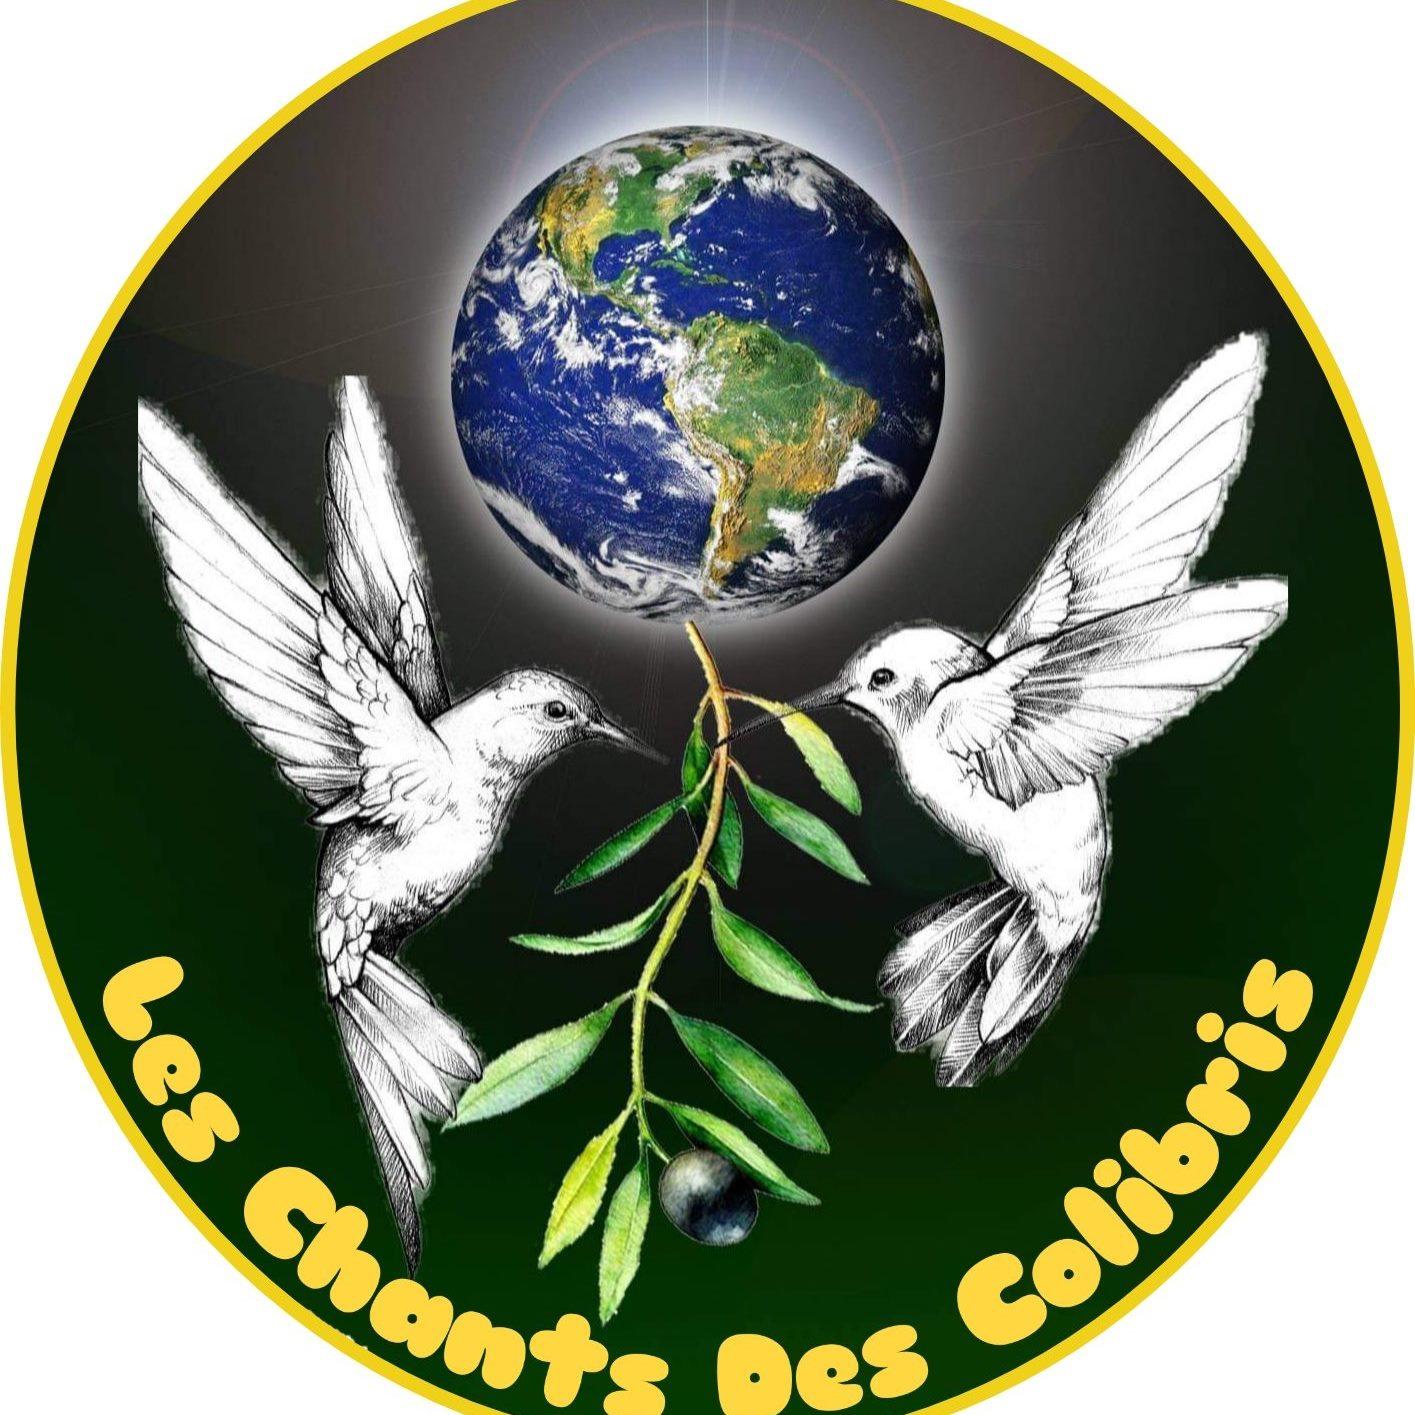 image_thumb_Un jardin pour tous, un jardin pour demain